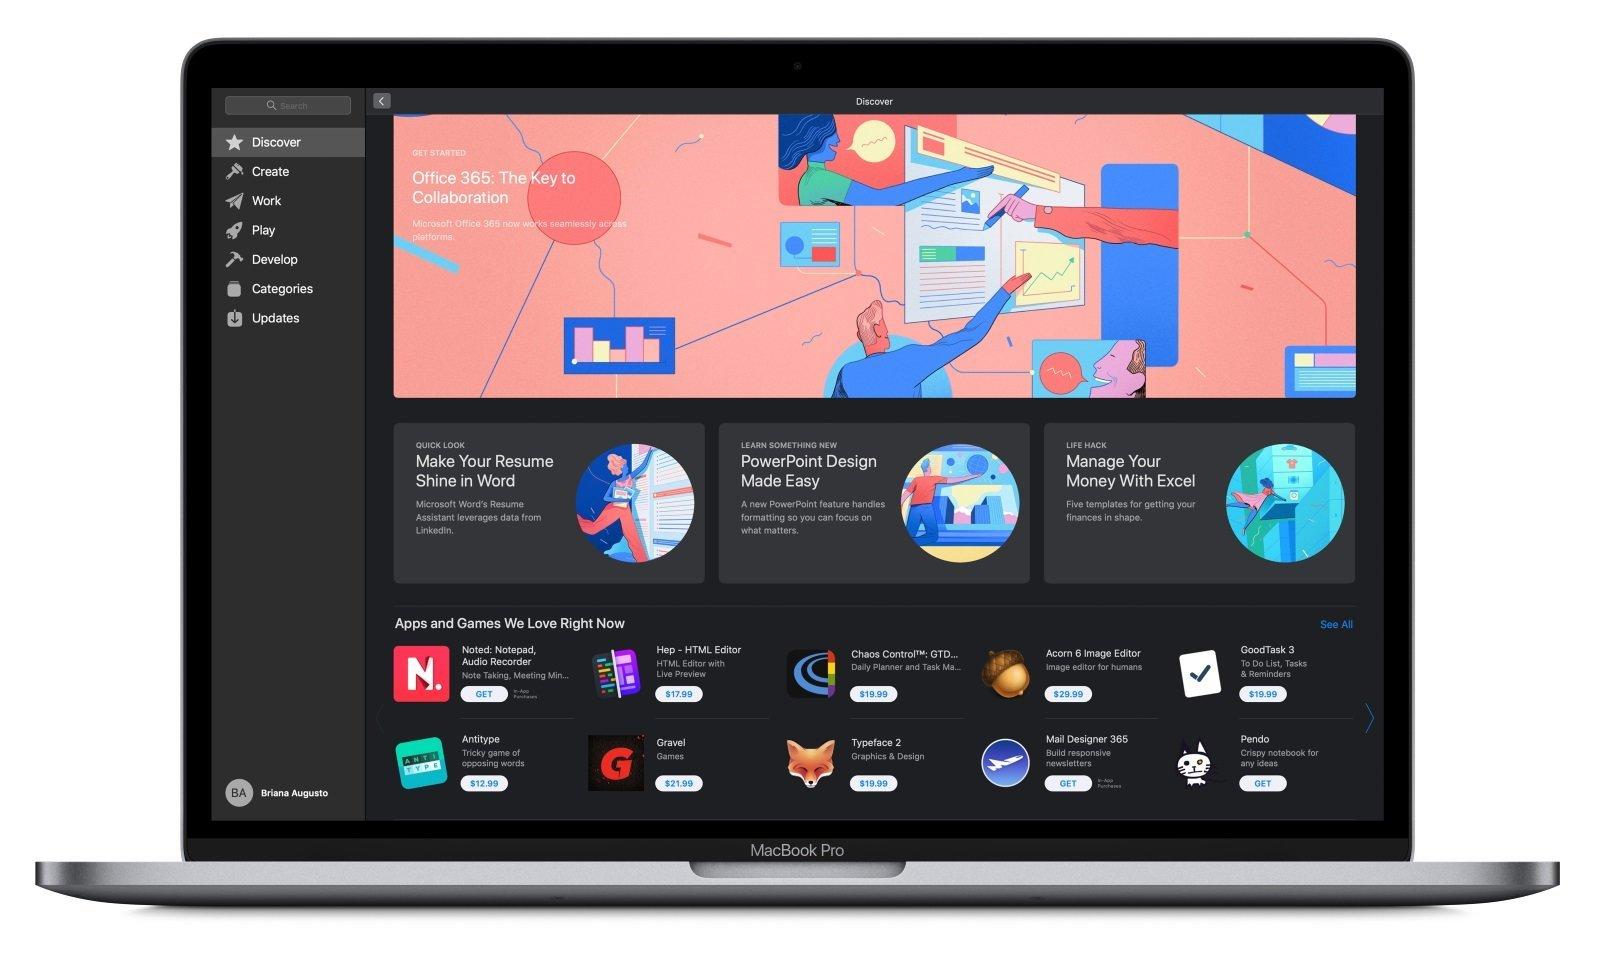 بعد طول انتظار حزمة أوفيس 365 متوفرة الآن على متجر Mac App Store